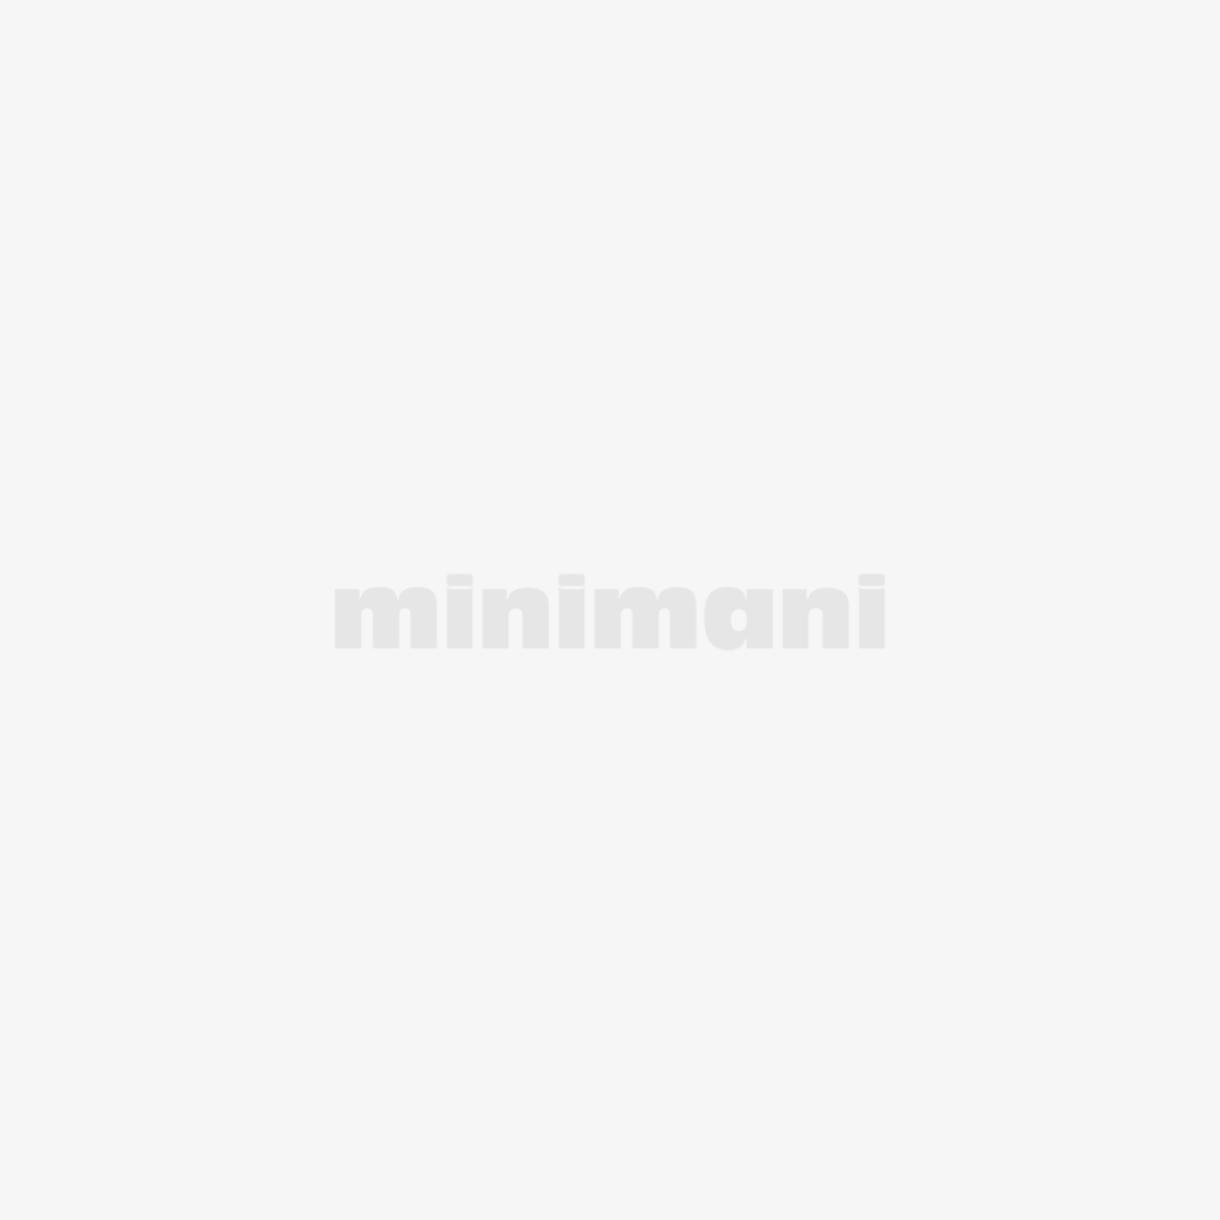 Vallila matto 80x250cm, Sulkava vadelma